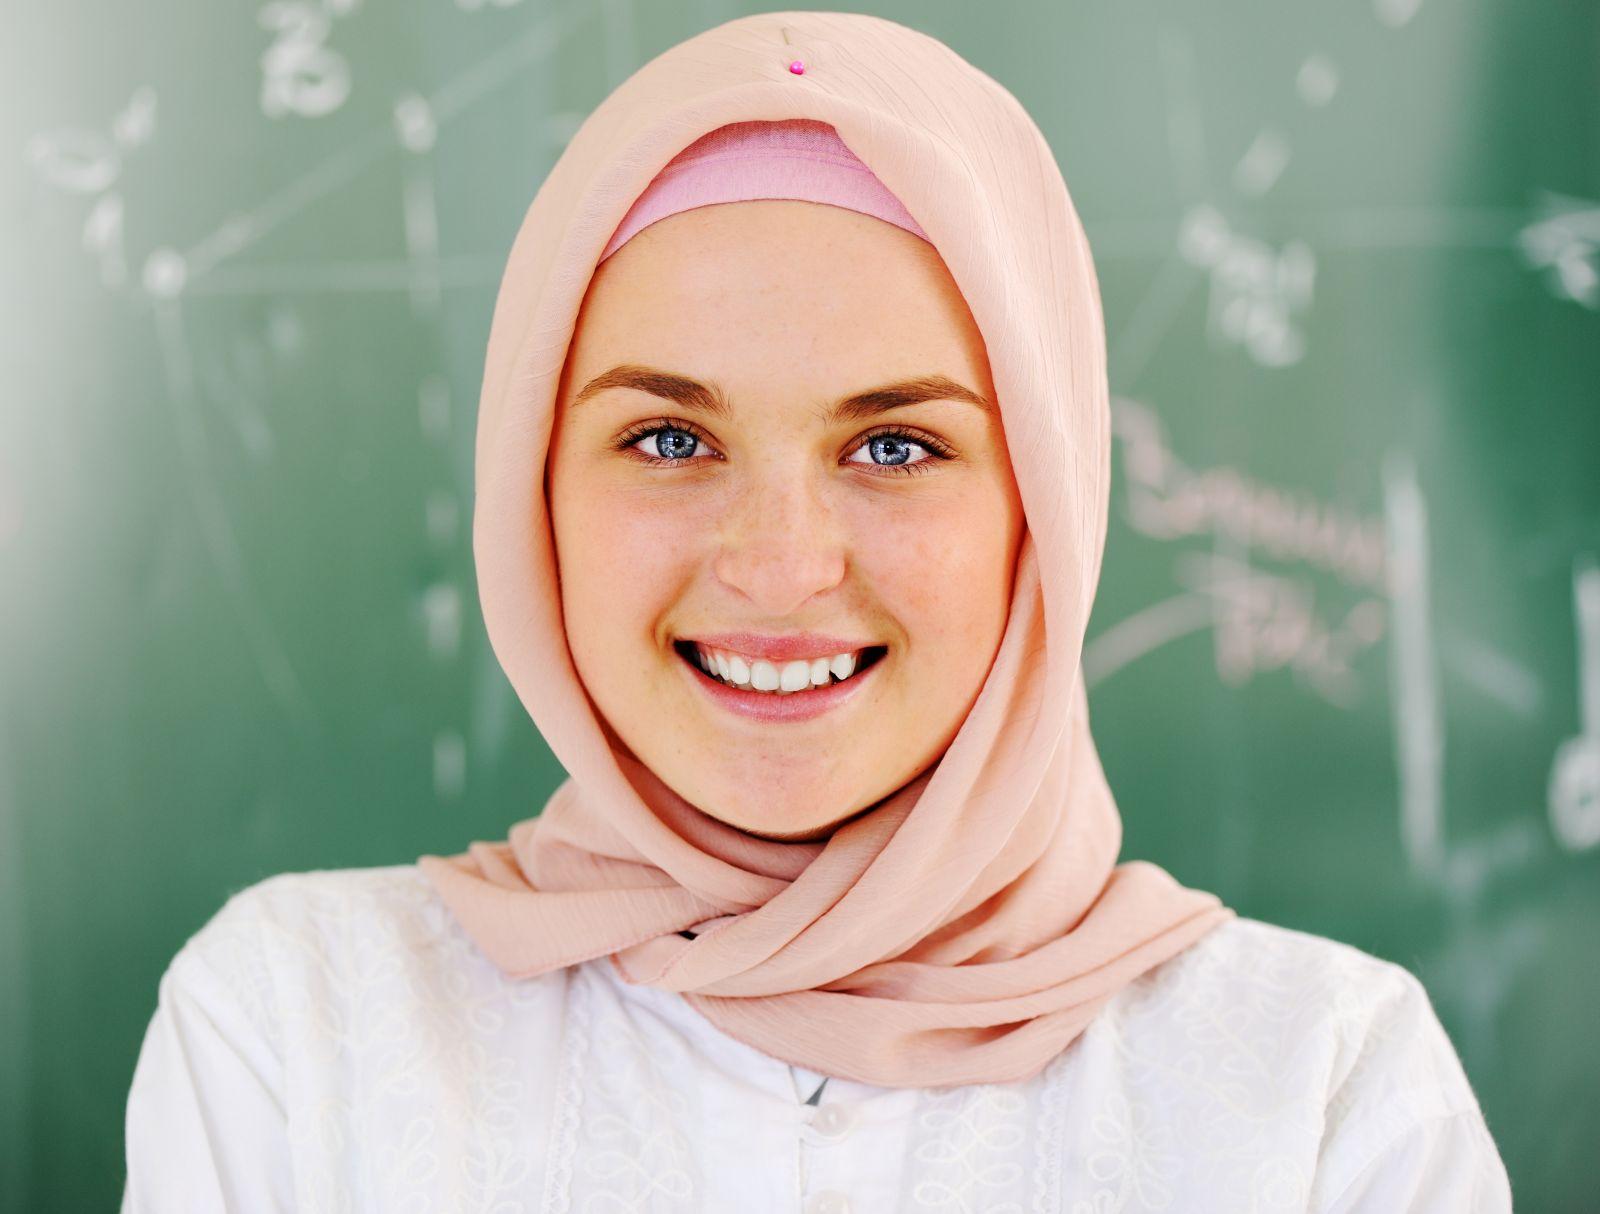 بالصور اجمل محجبات , جمال البنات المحجبه فى صور لها 5128 1